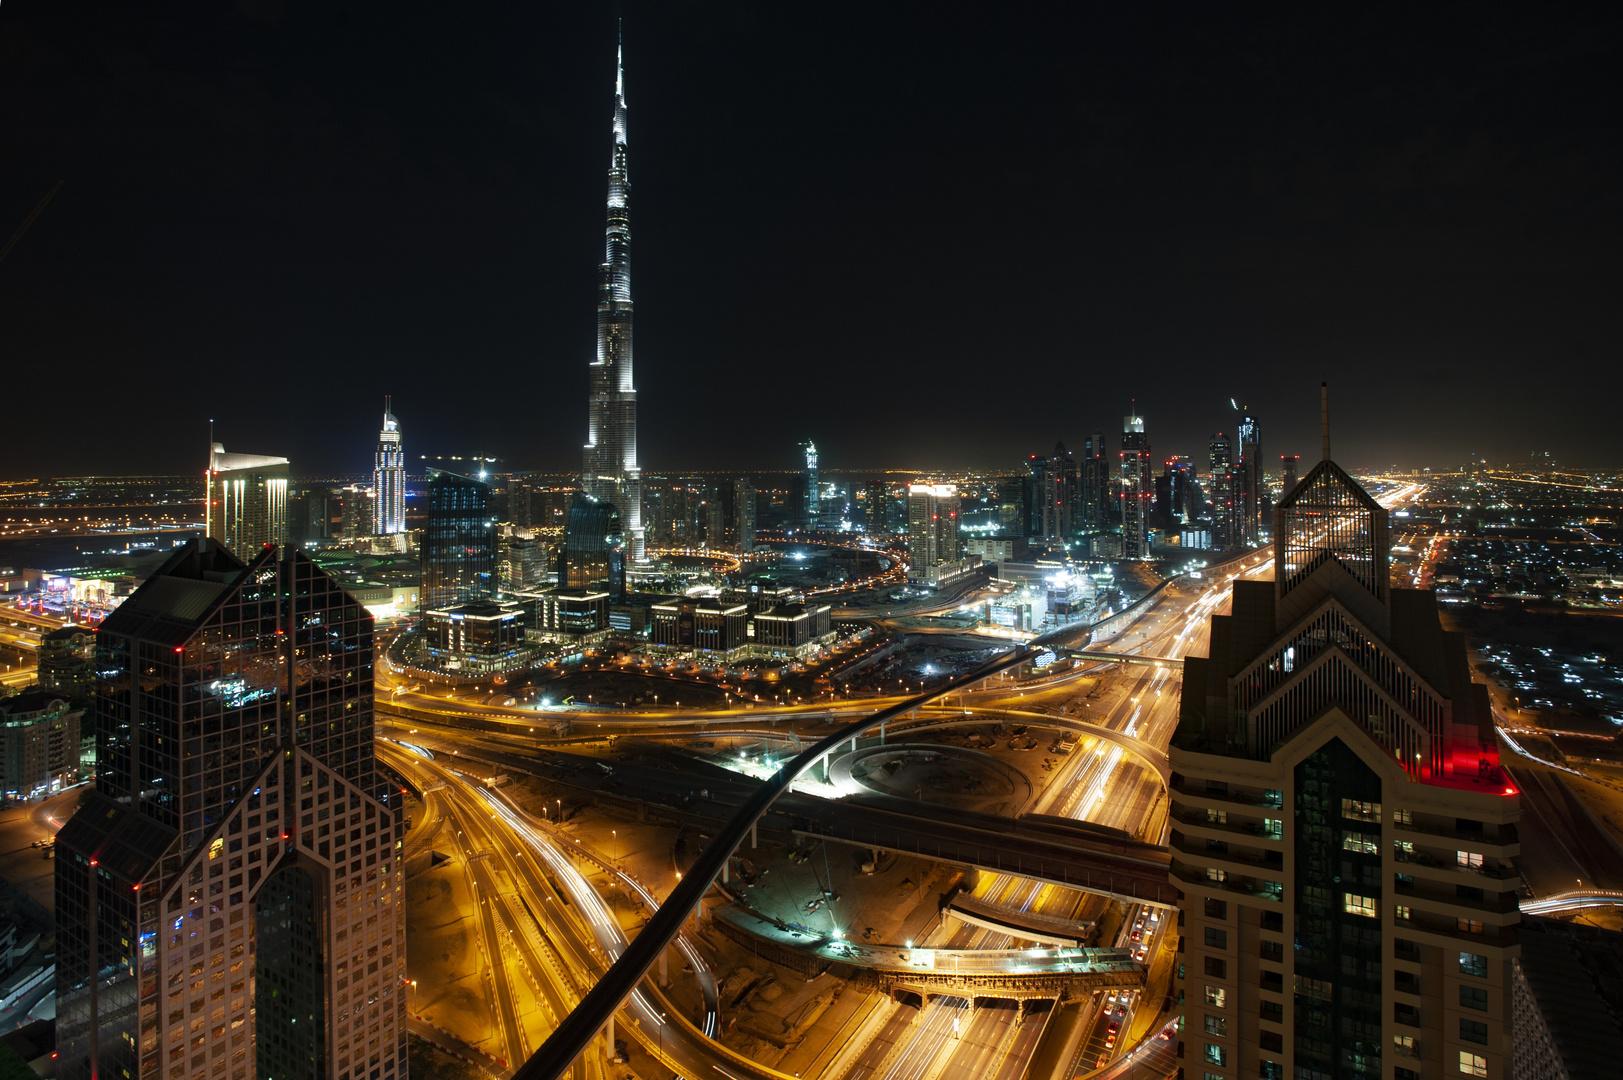 Burj Khalifa 828m, Dubai